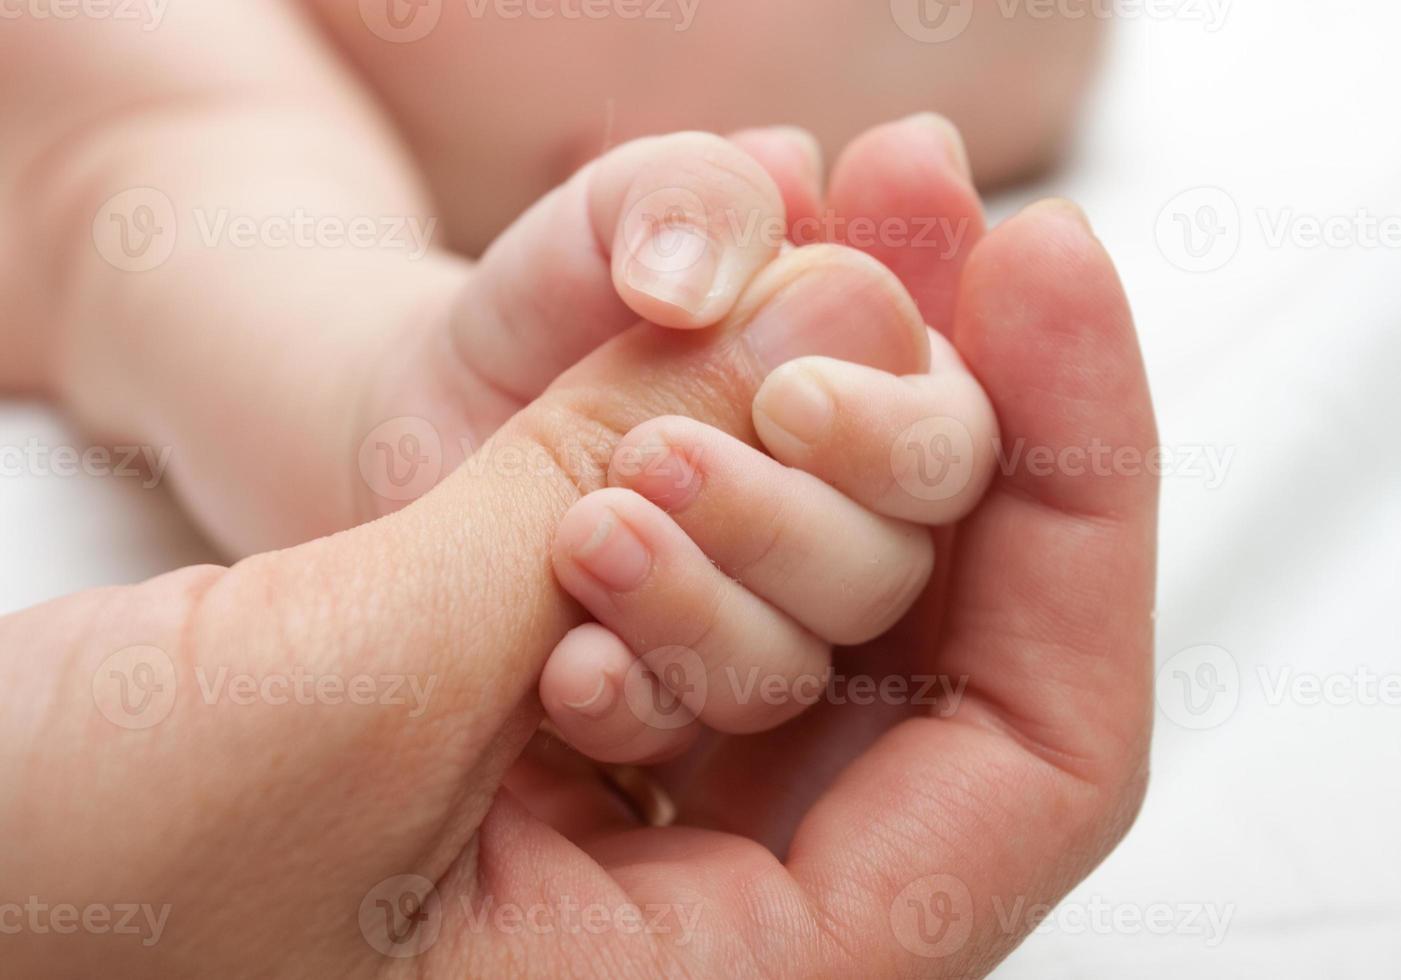 primer plano de un bebé sosteniendo el pulgar de un adulto foto